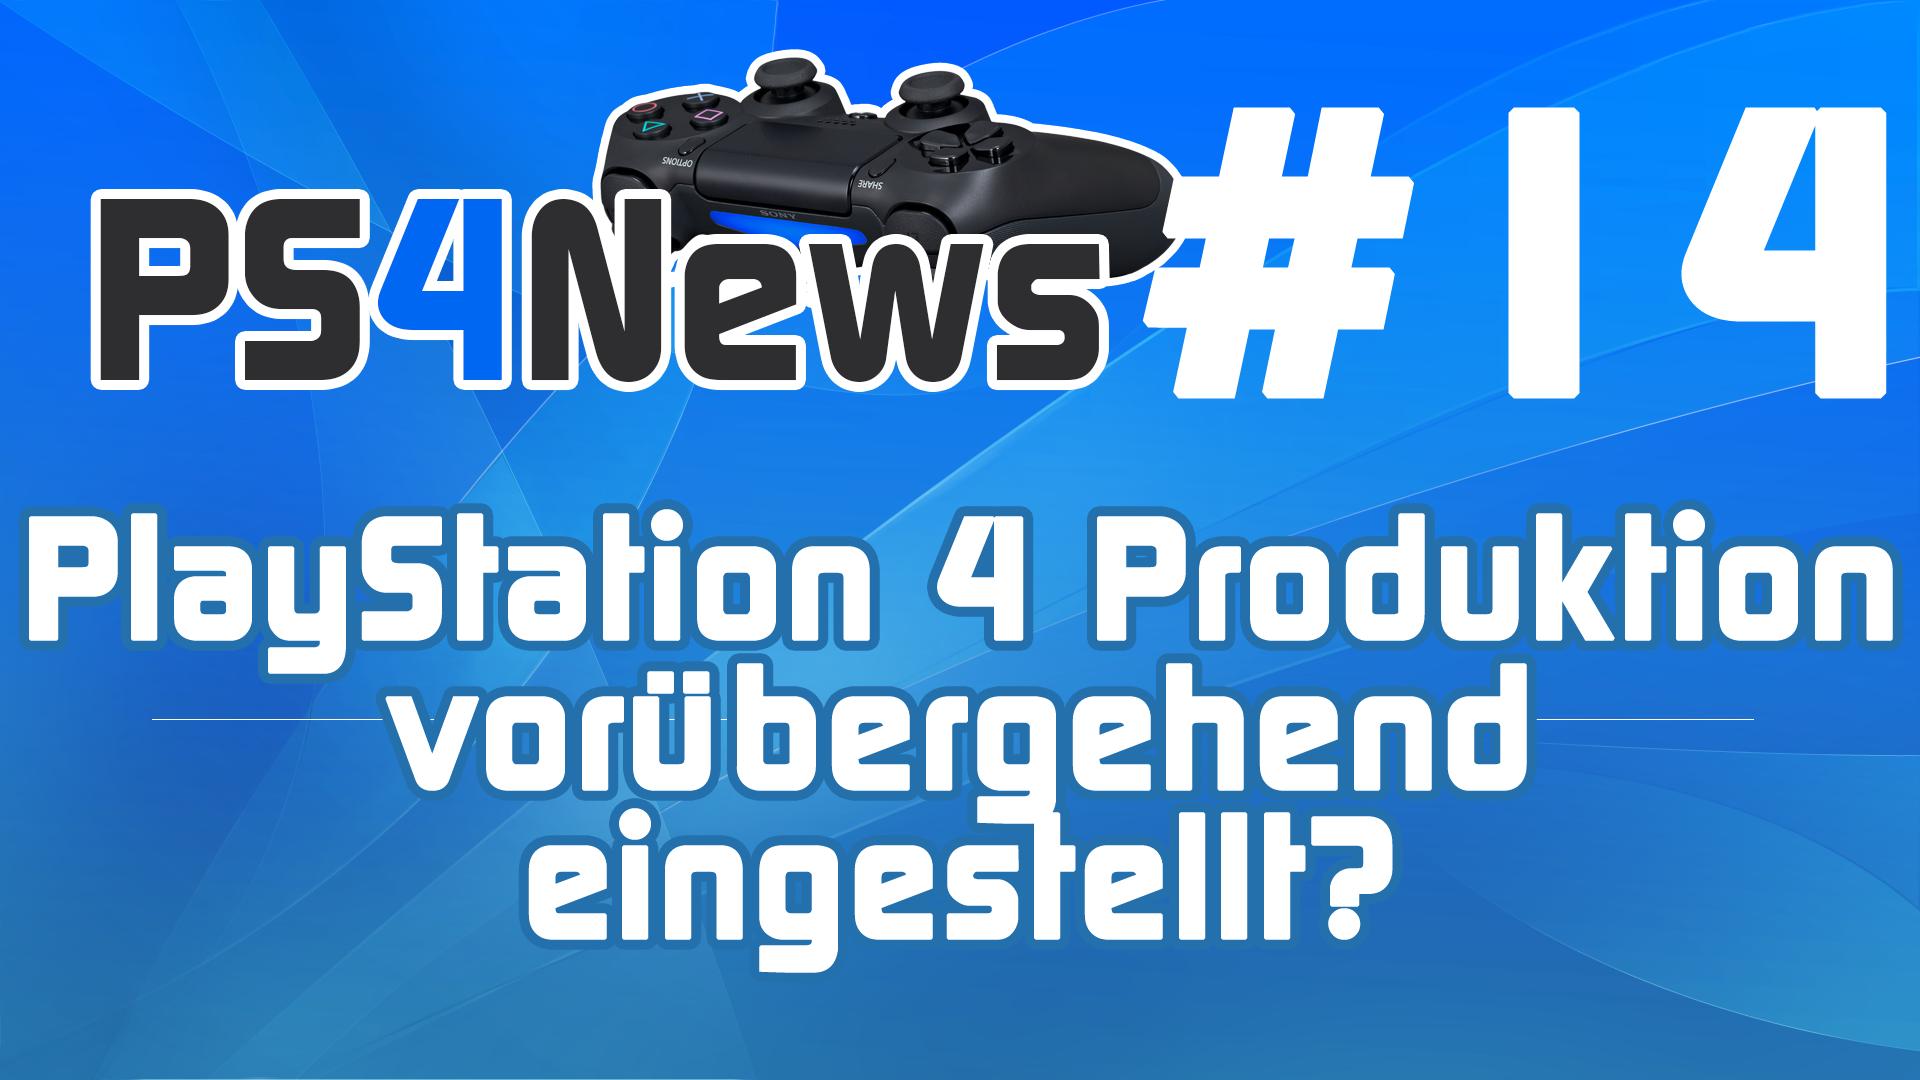 PS4News #14 Die News des Tages zusammengefasst